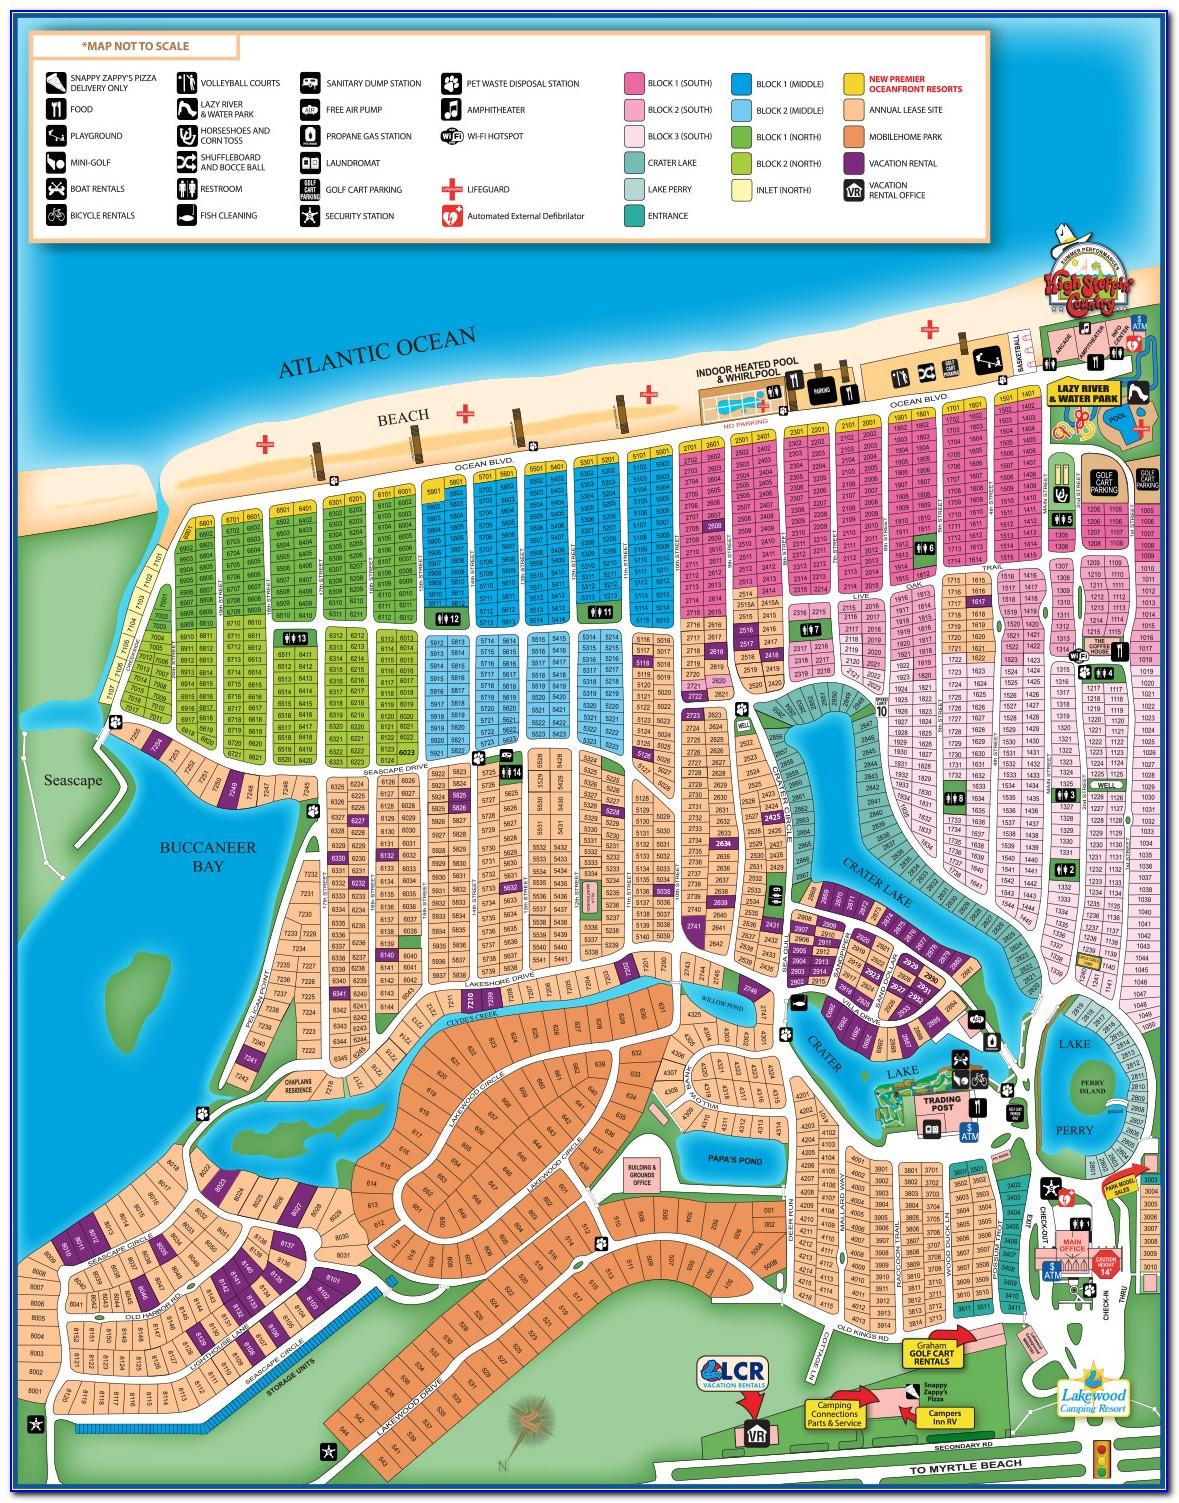 Hotel Blue Myrtle Beach Map